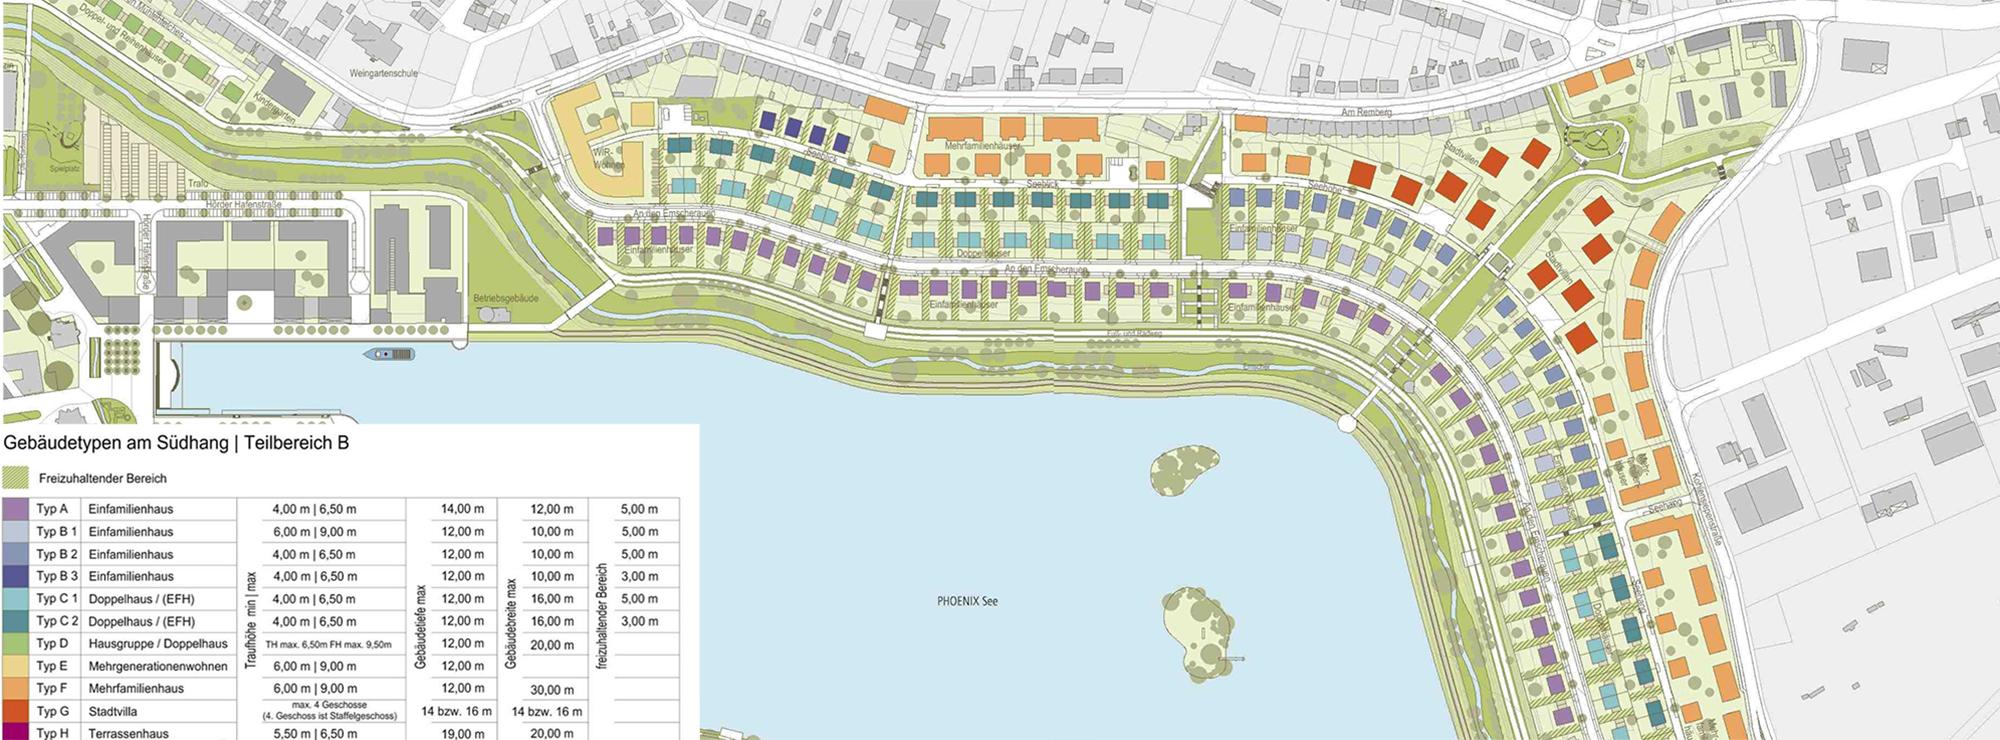 Qualitätsleitlinien Wohnen am PHOENIX See